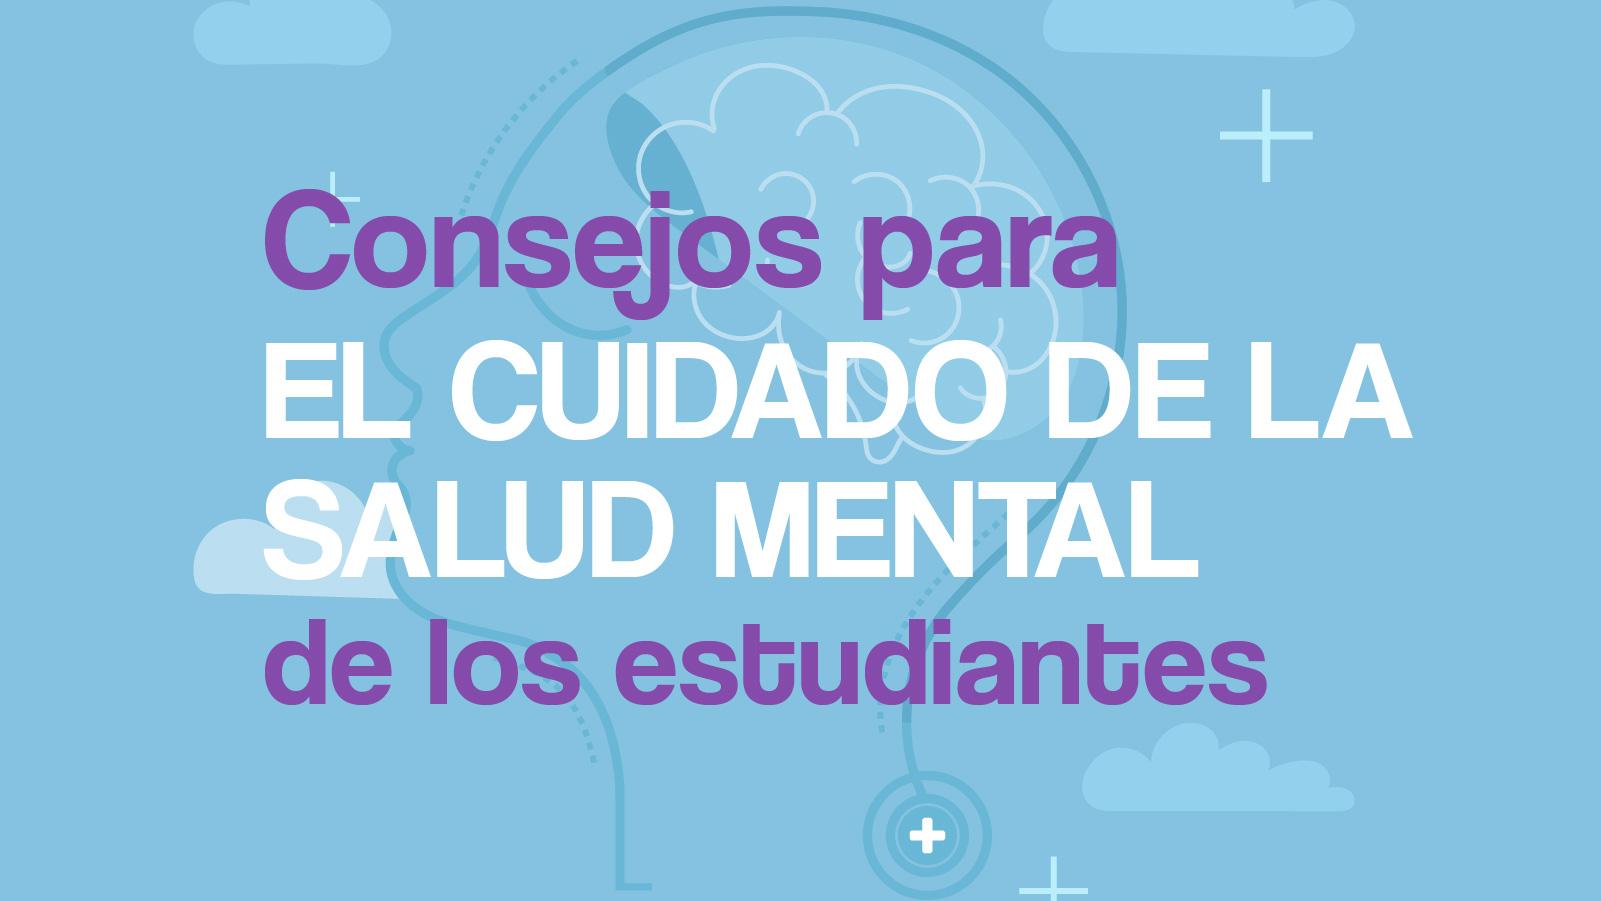 Cuidado De La Salud Mental De Los Estudiantes 02